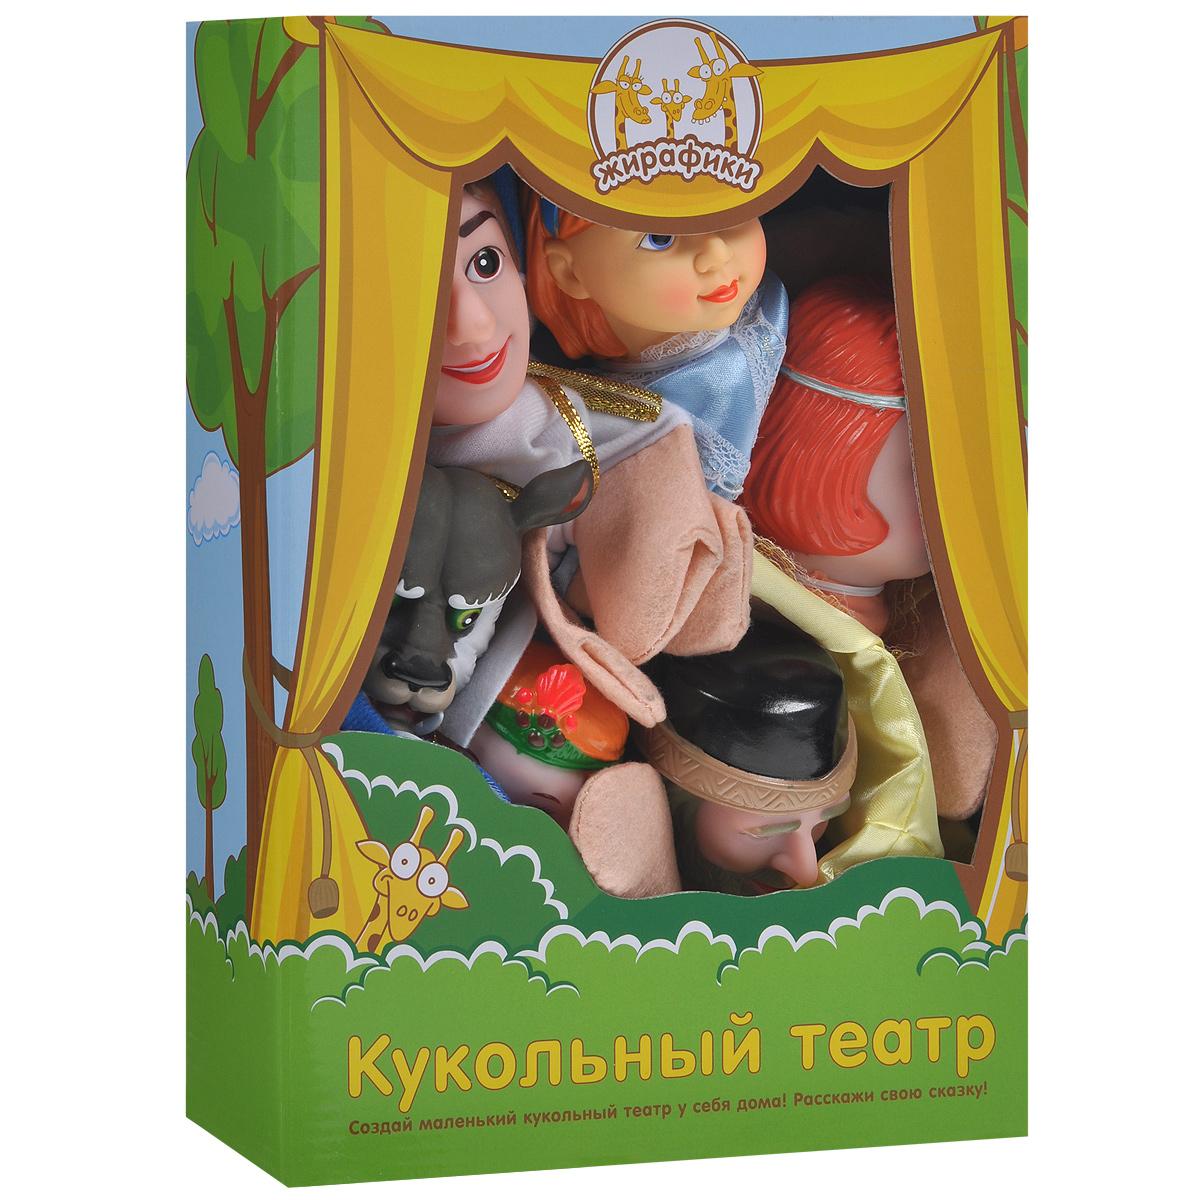 Жирафики Кукольный театр Аленький цветочек, 6 кукол большой слон кукольный театр аленький цветочек